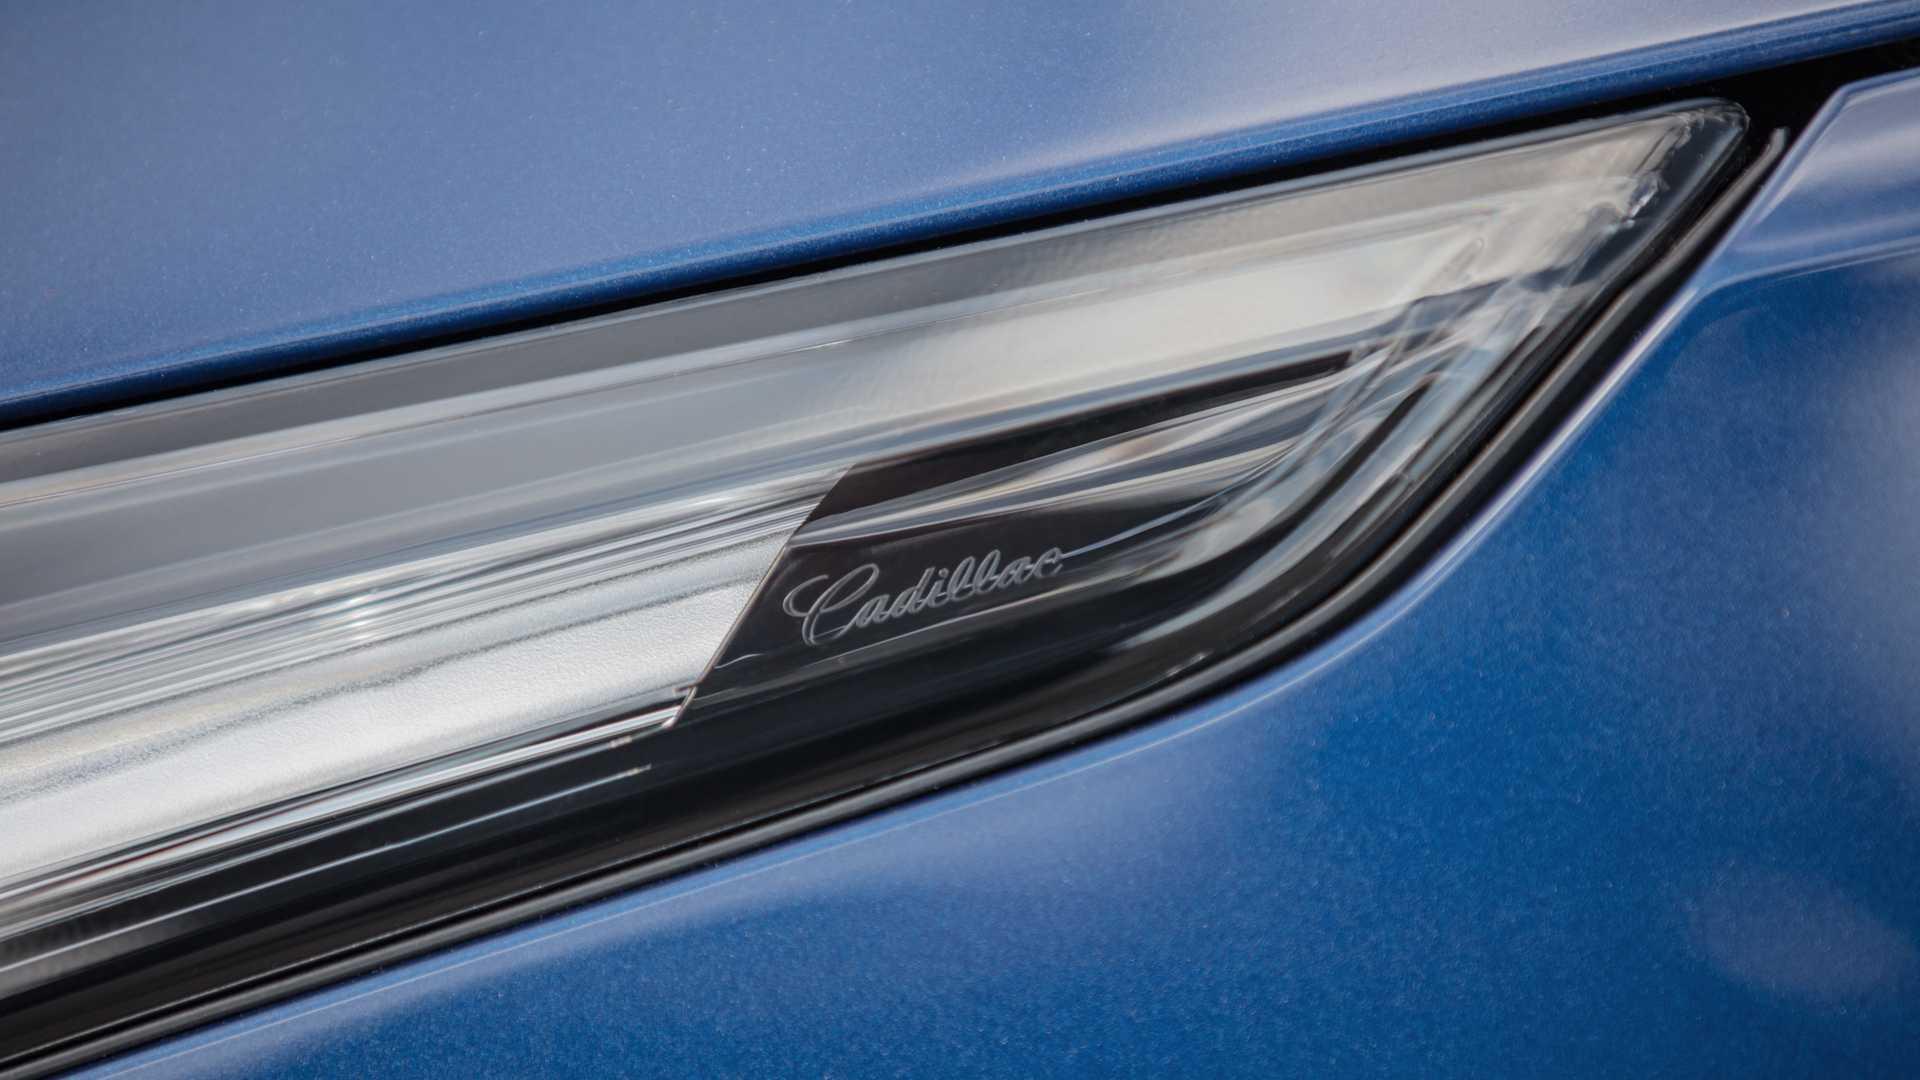 2020 Cadillac CT4-V Badge Wallpapers (9)